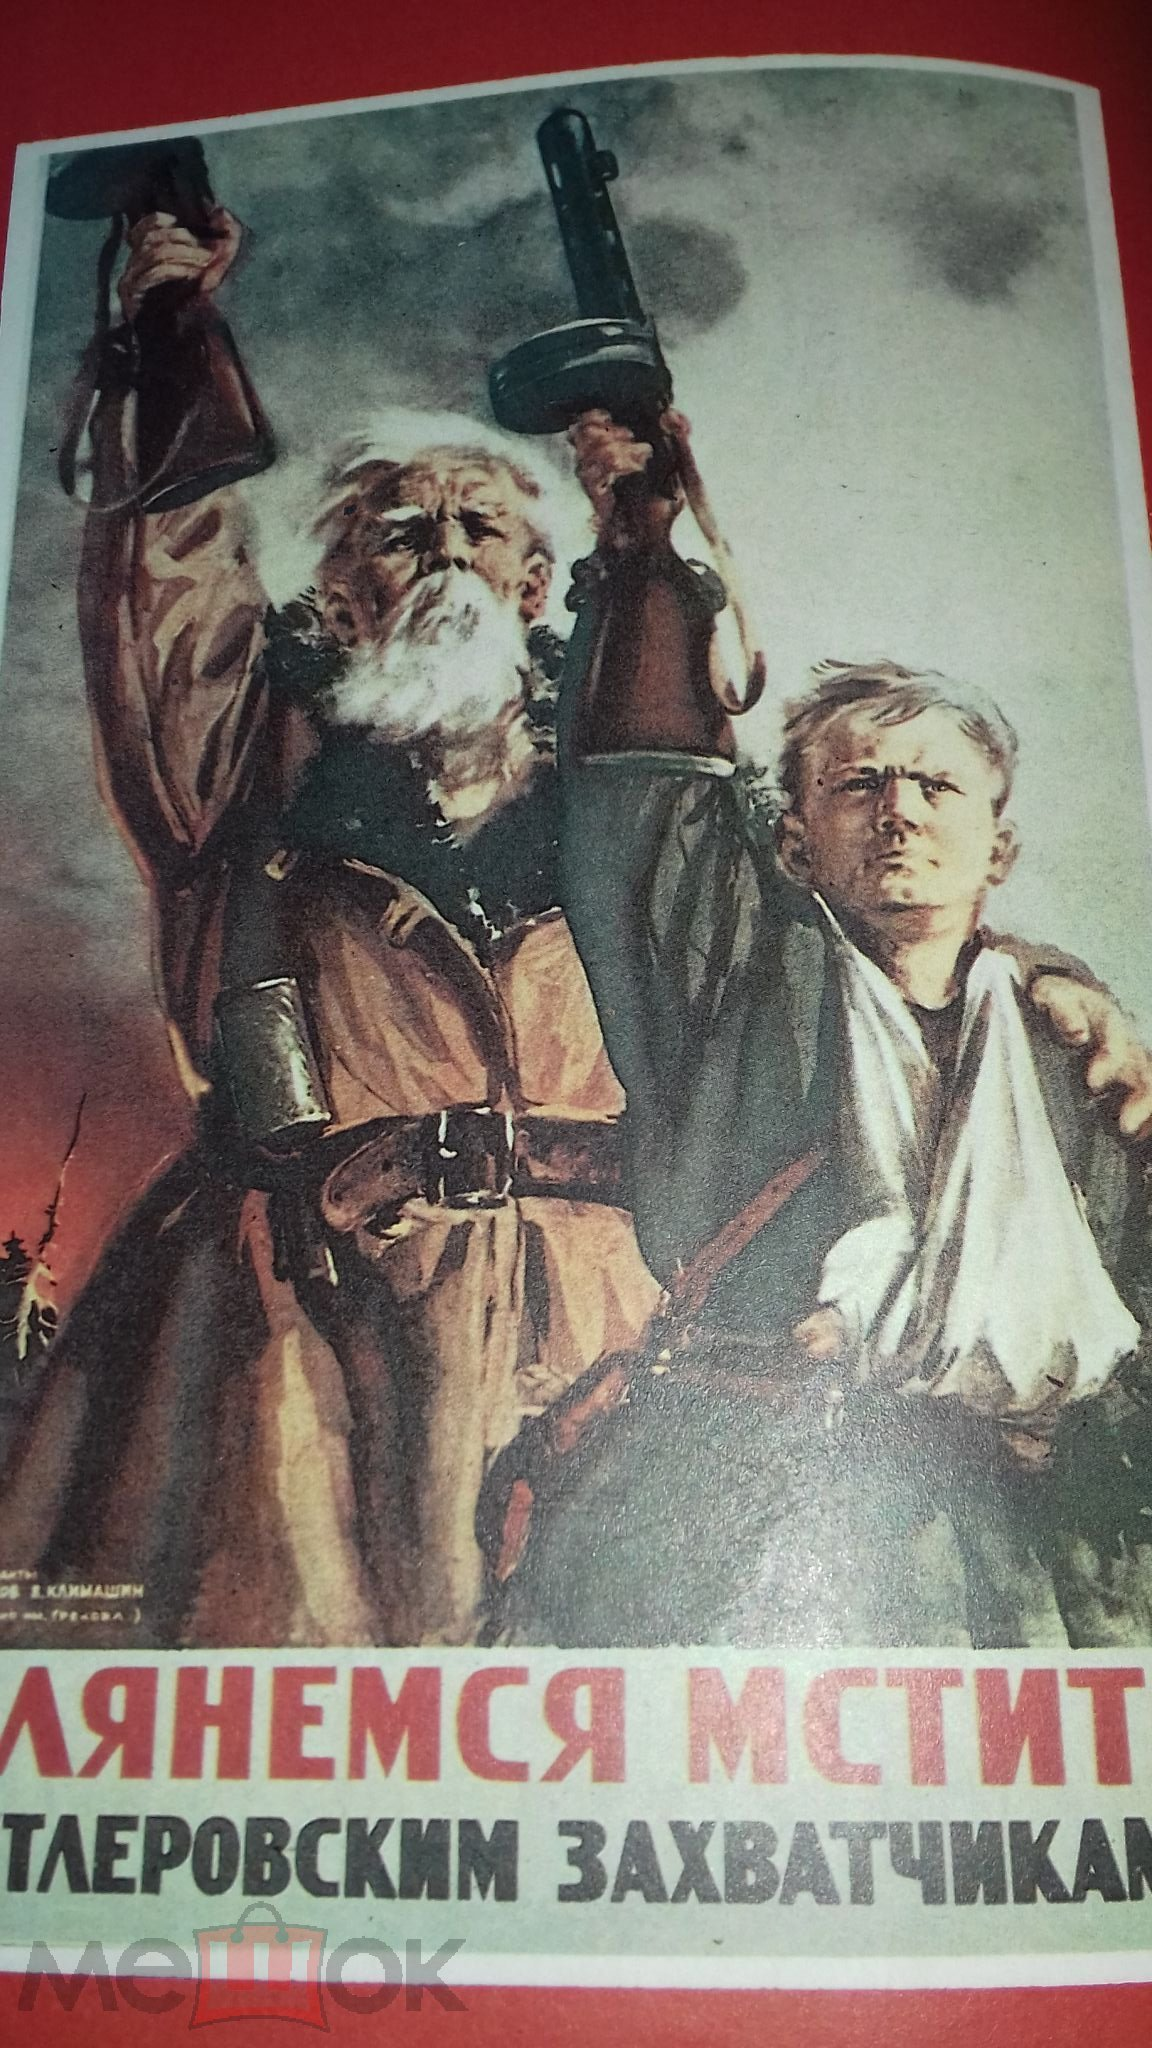 Антология 9 томов из 12. Великая Отечественная Война